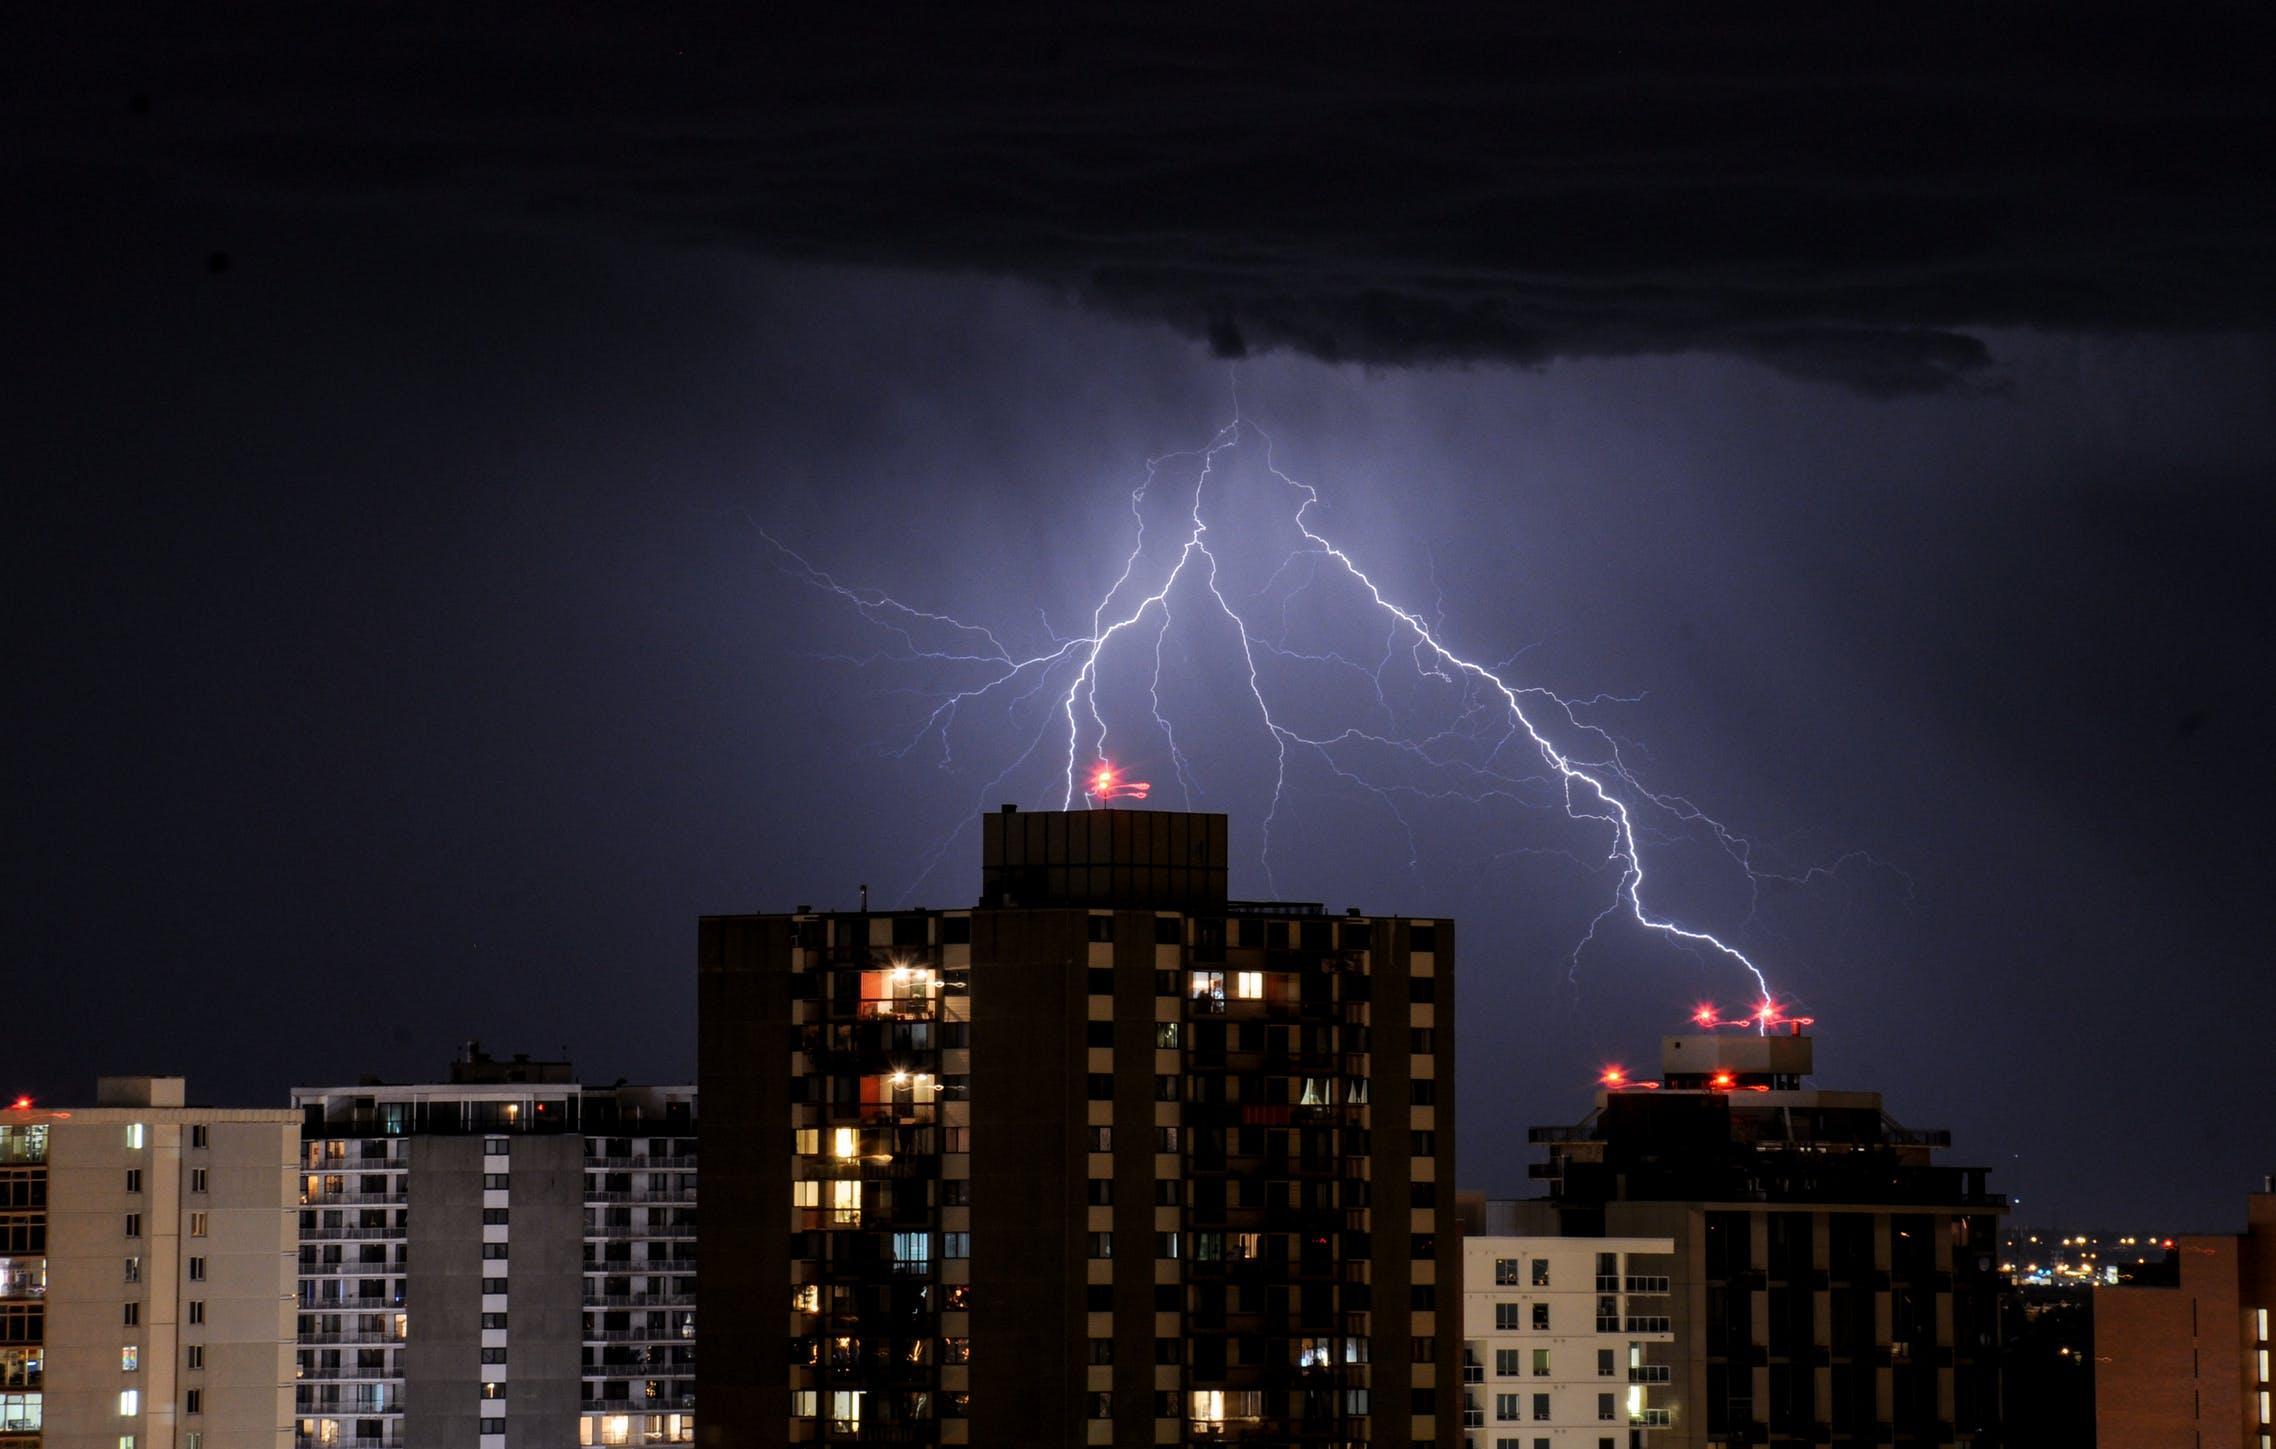 В Тверской области объявлено штормовое предупреждение из-за грозы